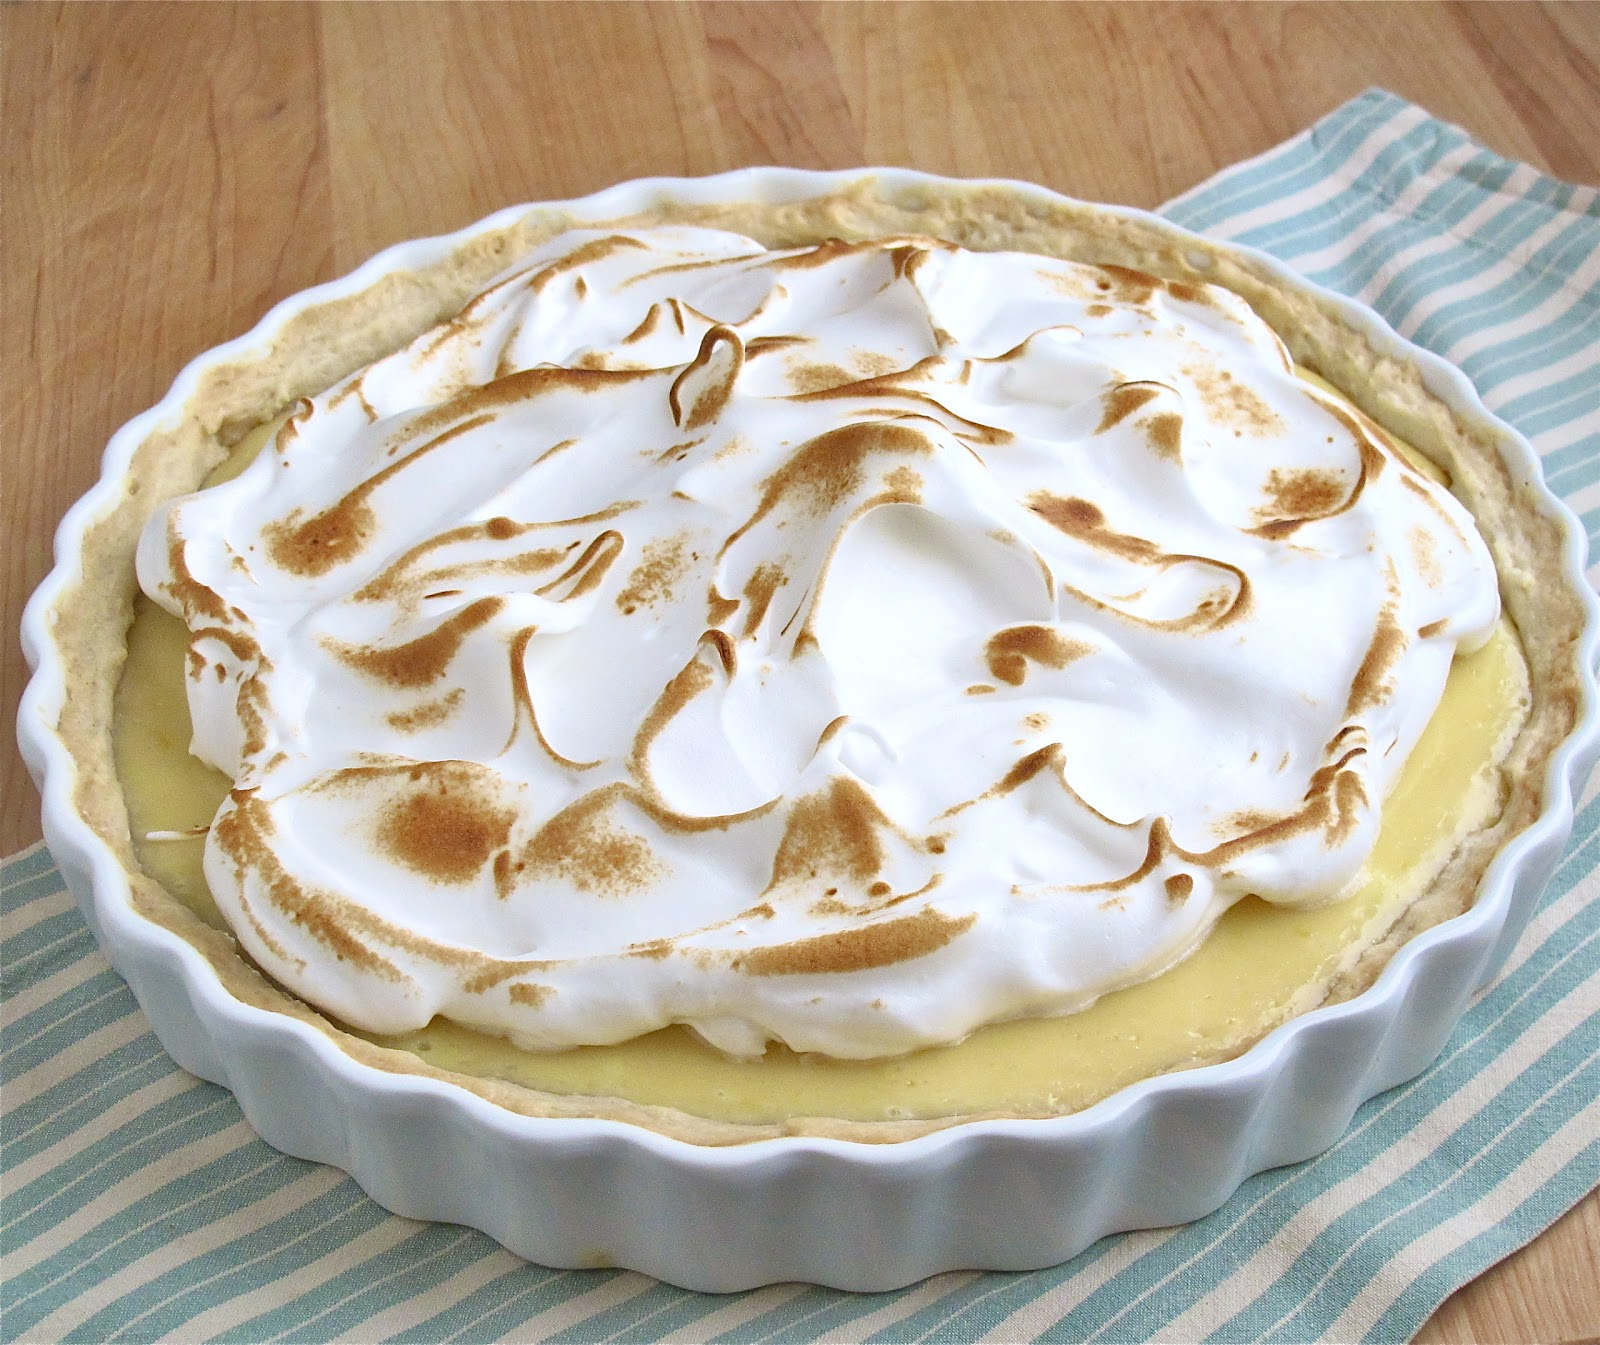 ... Easter Lemon Meringue Pie | Spring Dessert | Lemon Dessert for Easter